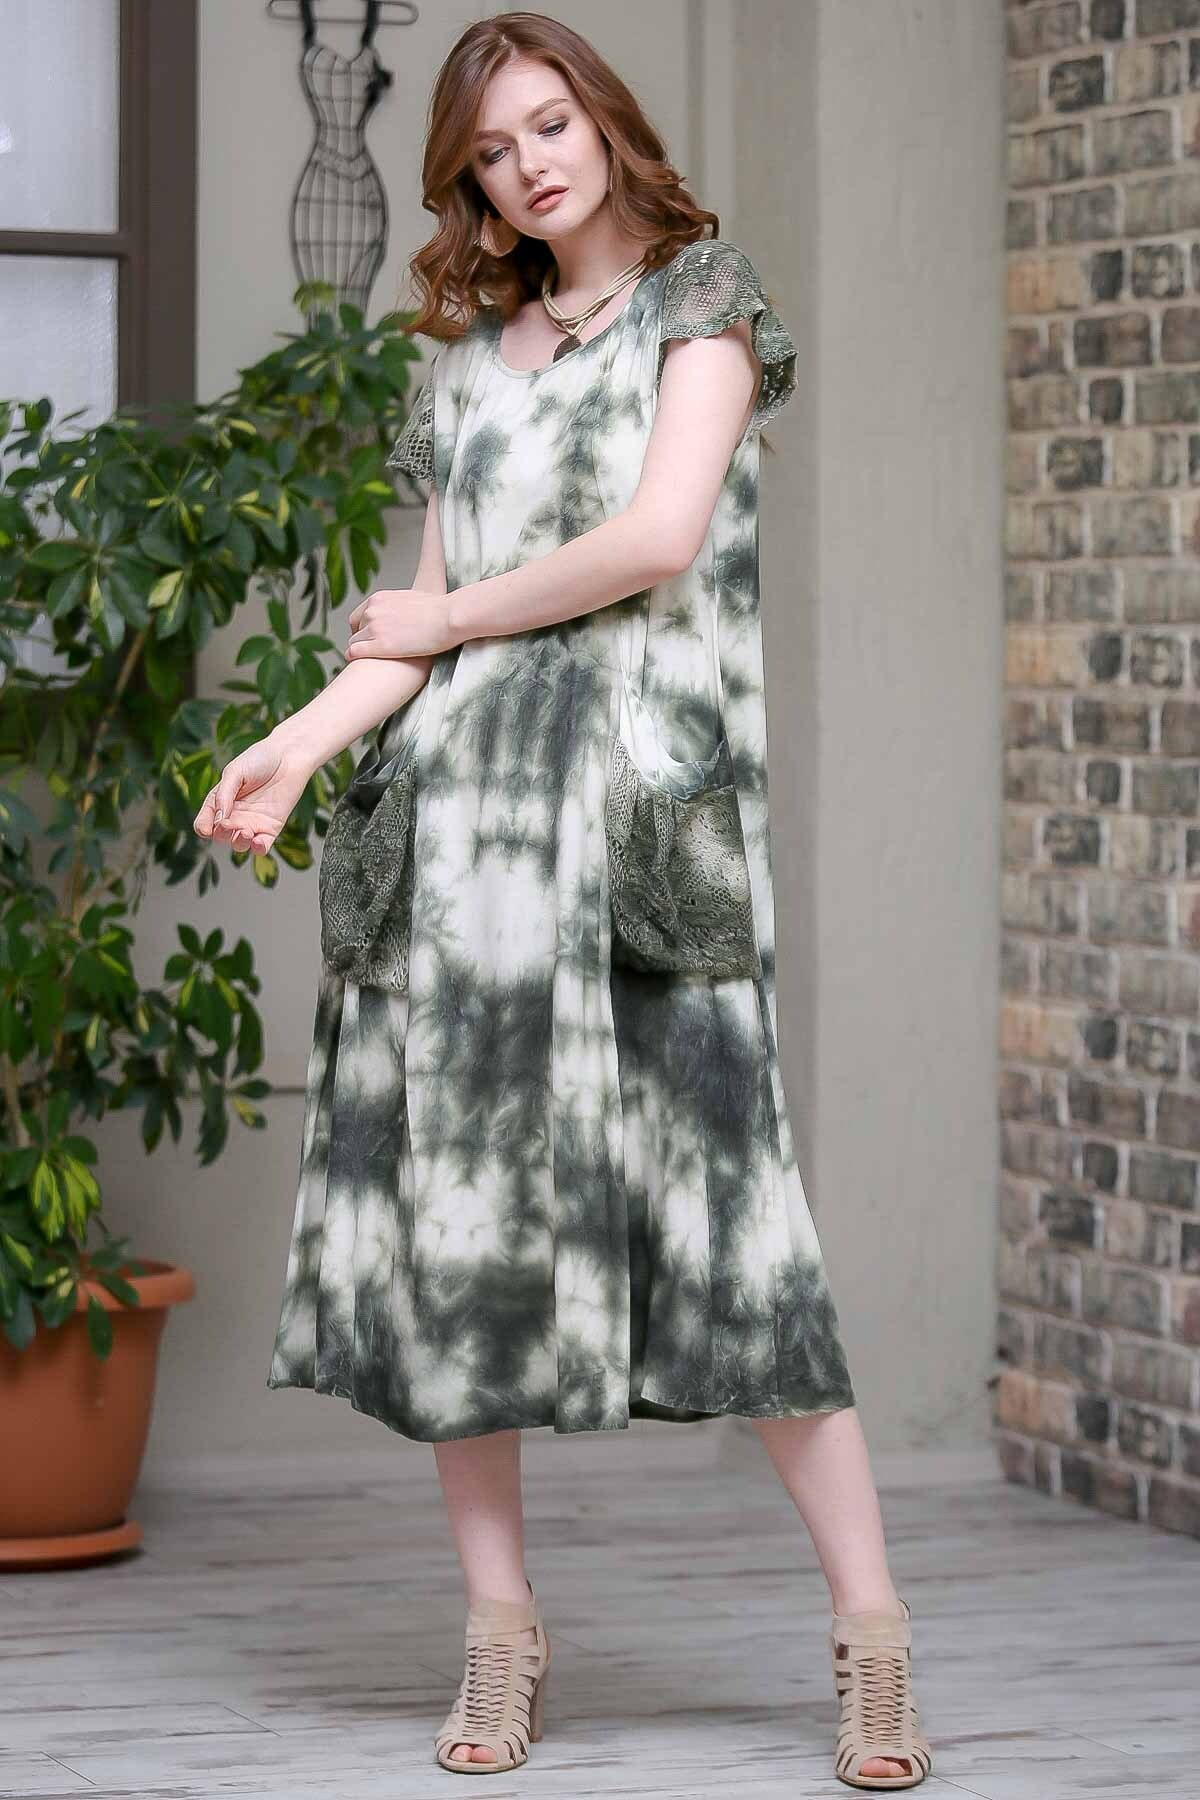 Chiccy Kadın Yeşil Desenli Dantel Kol Ve Cep Detaylı Salaş Yıkamalı Astarlı Dokuma Elbise  M10160000EL97244 1